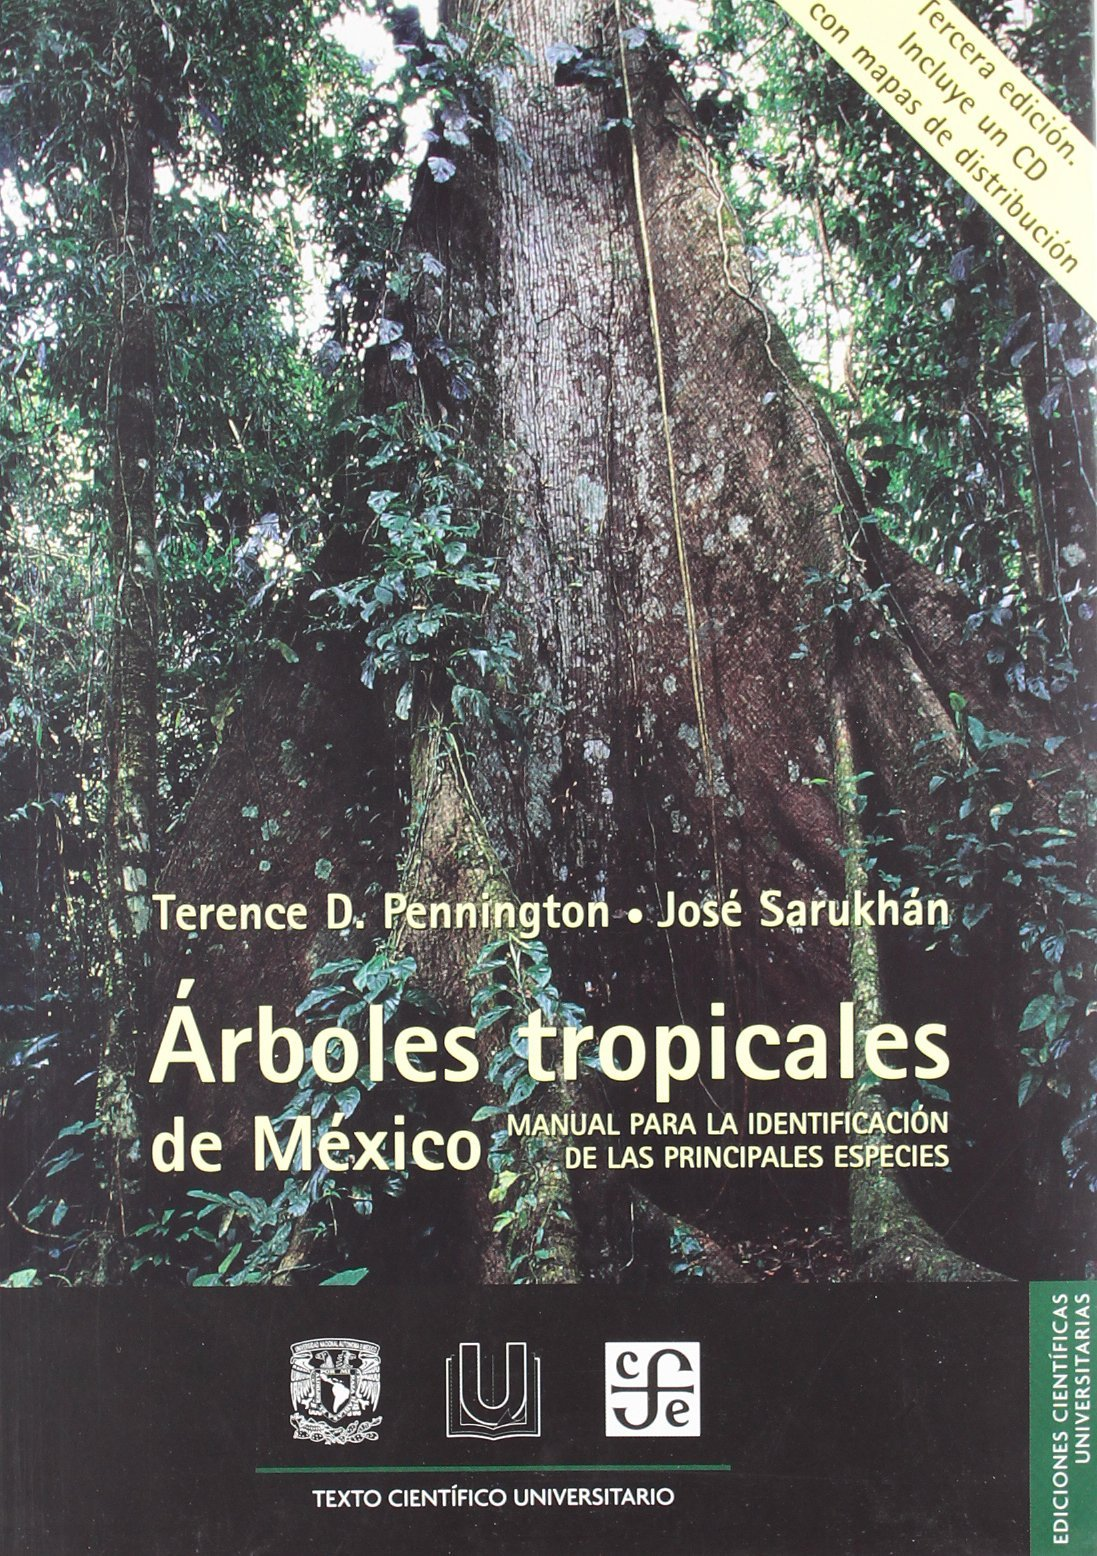 Árboles tropicales de México: Manual para la identificación de las principales especies T.D. Pennington